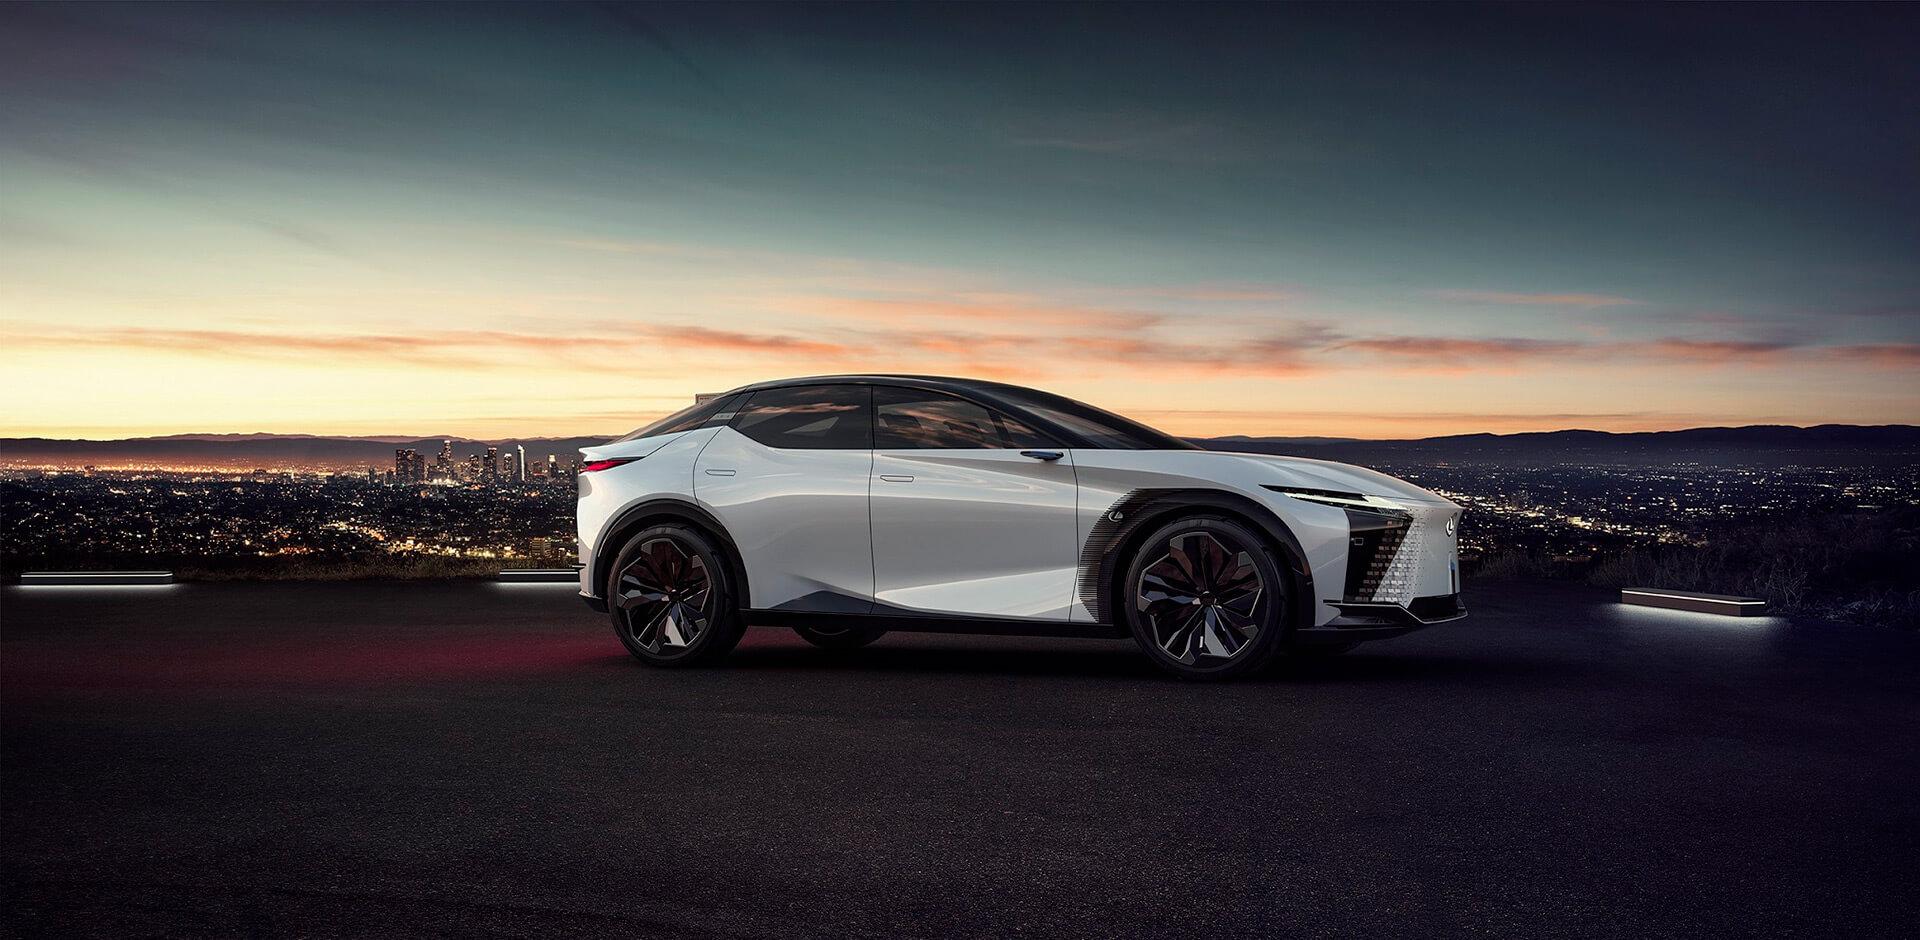 Lexus Yeni Elektrikli Araç Konseptiyle Vizyonunu Paylaştı gallery02